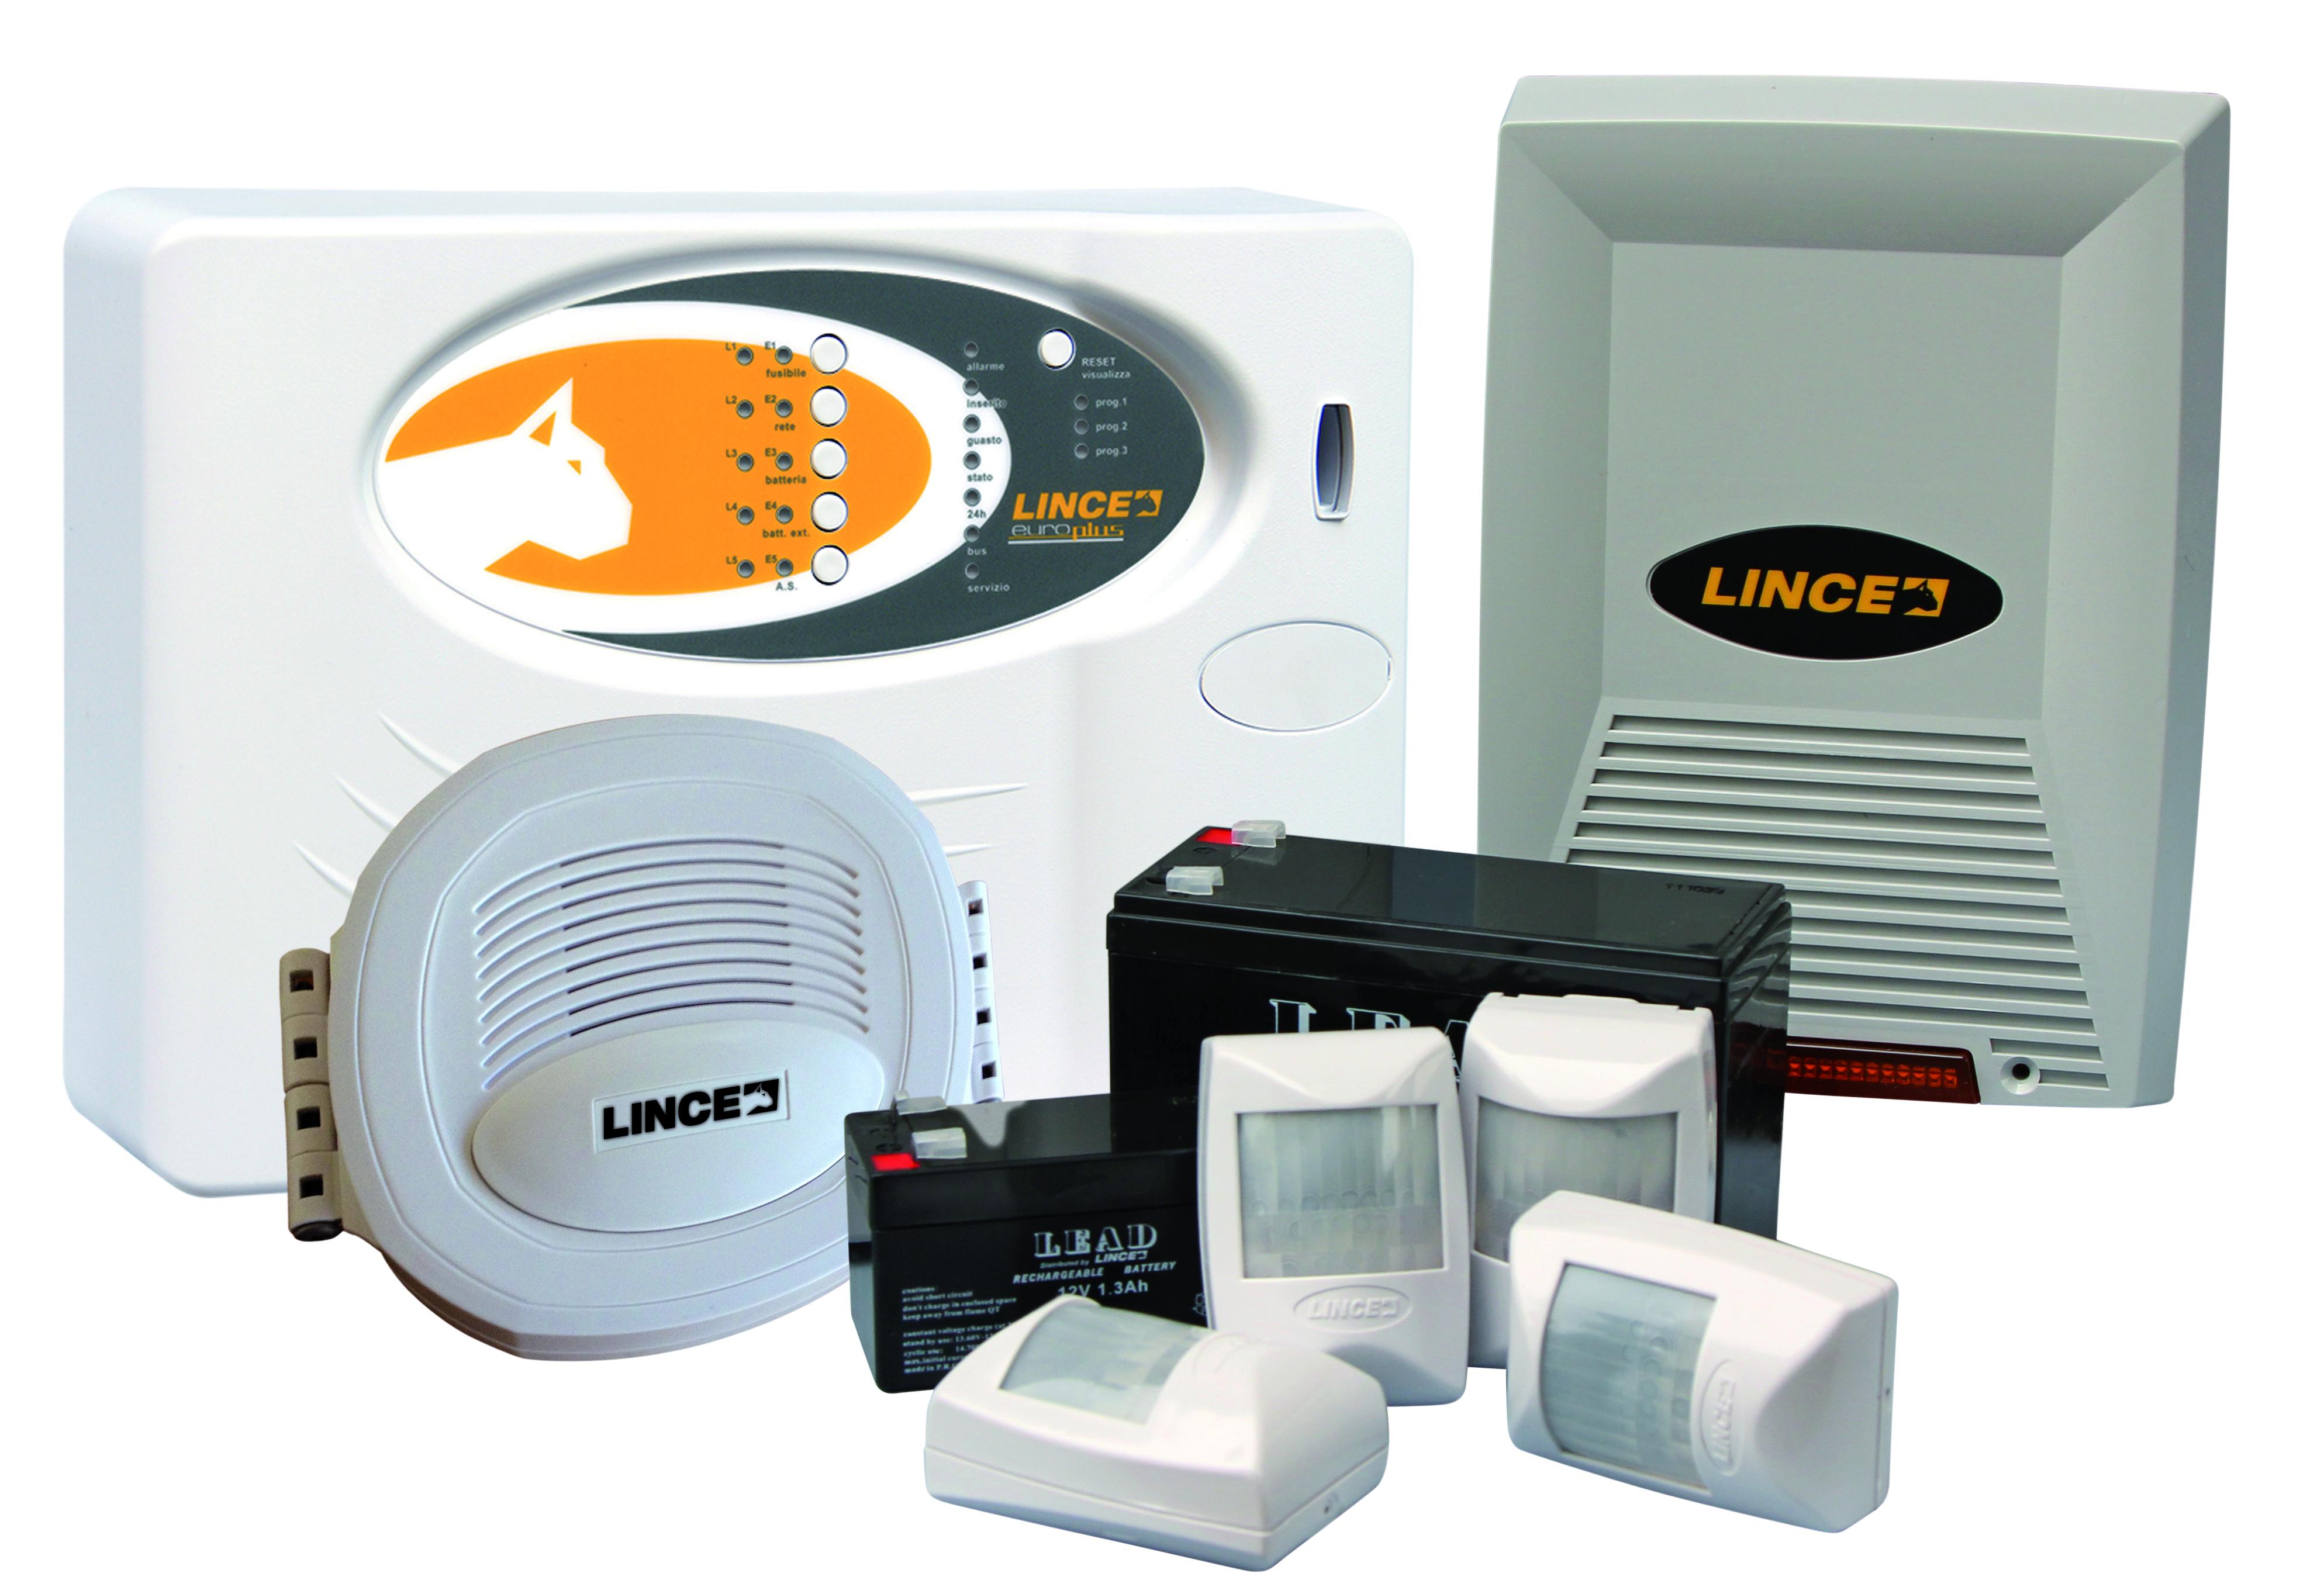 Consigli sugli antifurti della lince antifurto casa wireless for Miglior antifurto casa